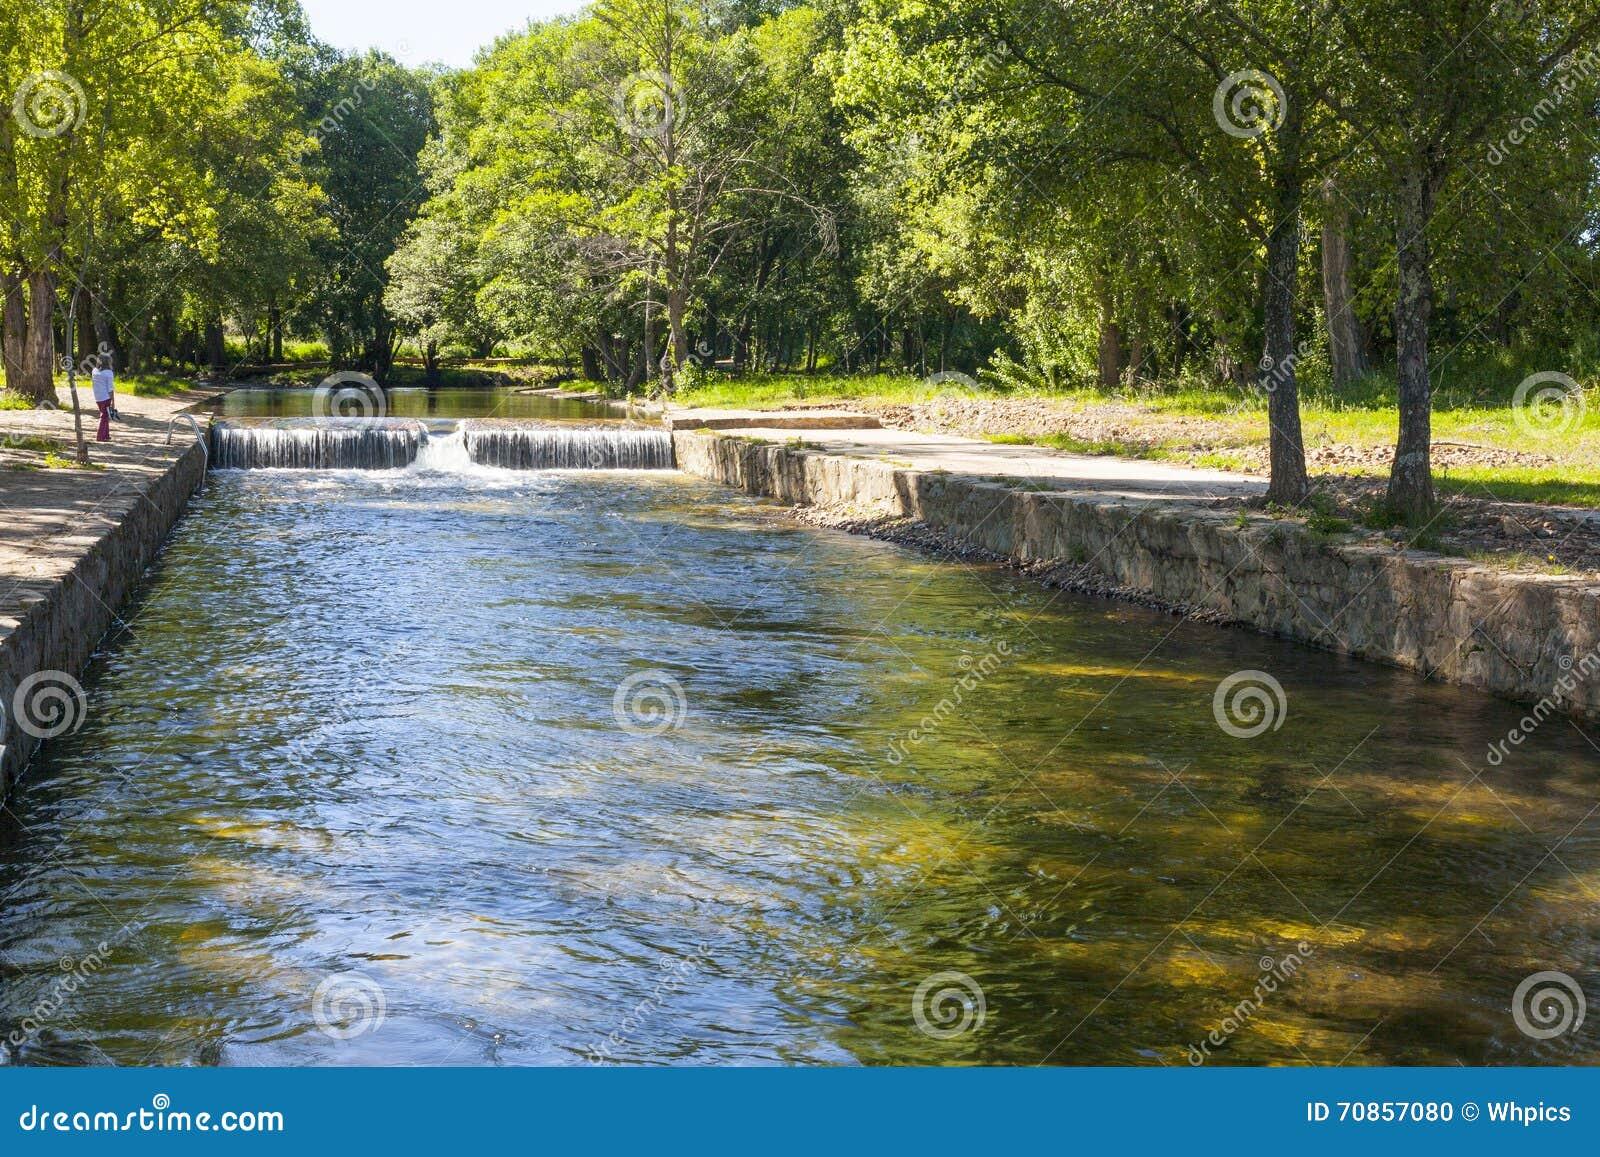 Piscinas naturales la codosera foto de archivo imagen 70857080 - Piscinas naturales badajoz ...